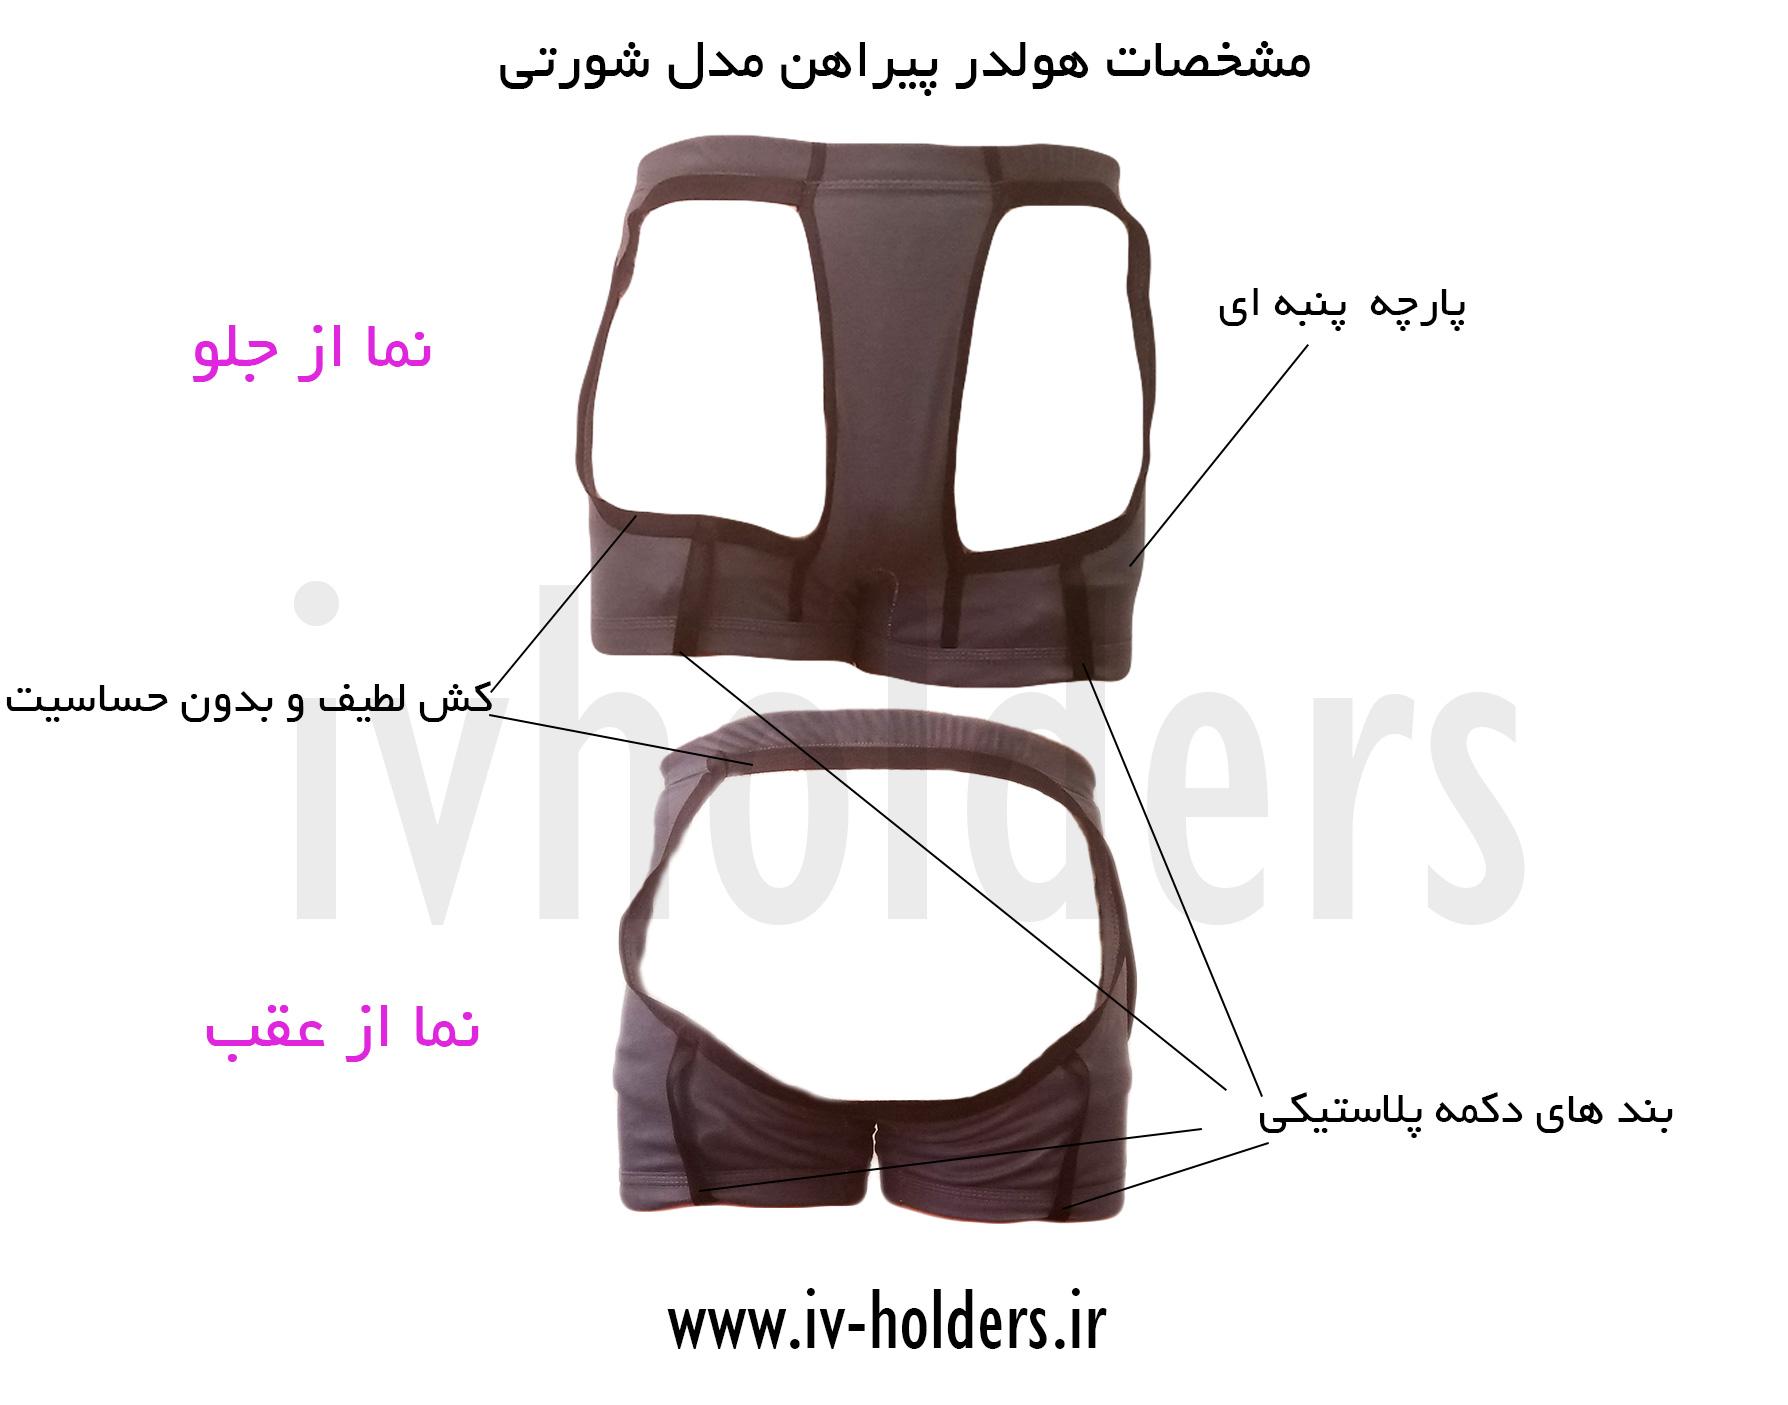 مشخصات هولدر پیراهن مردانه مدل شورتی